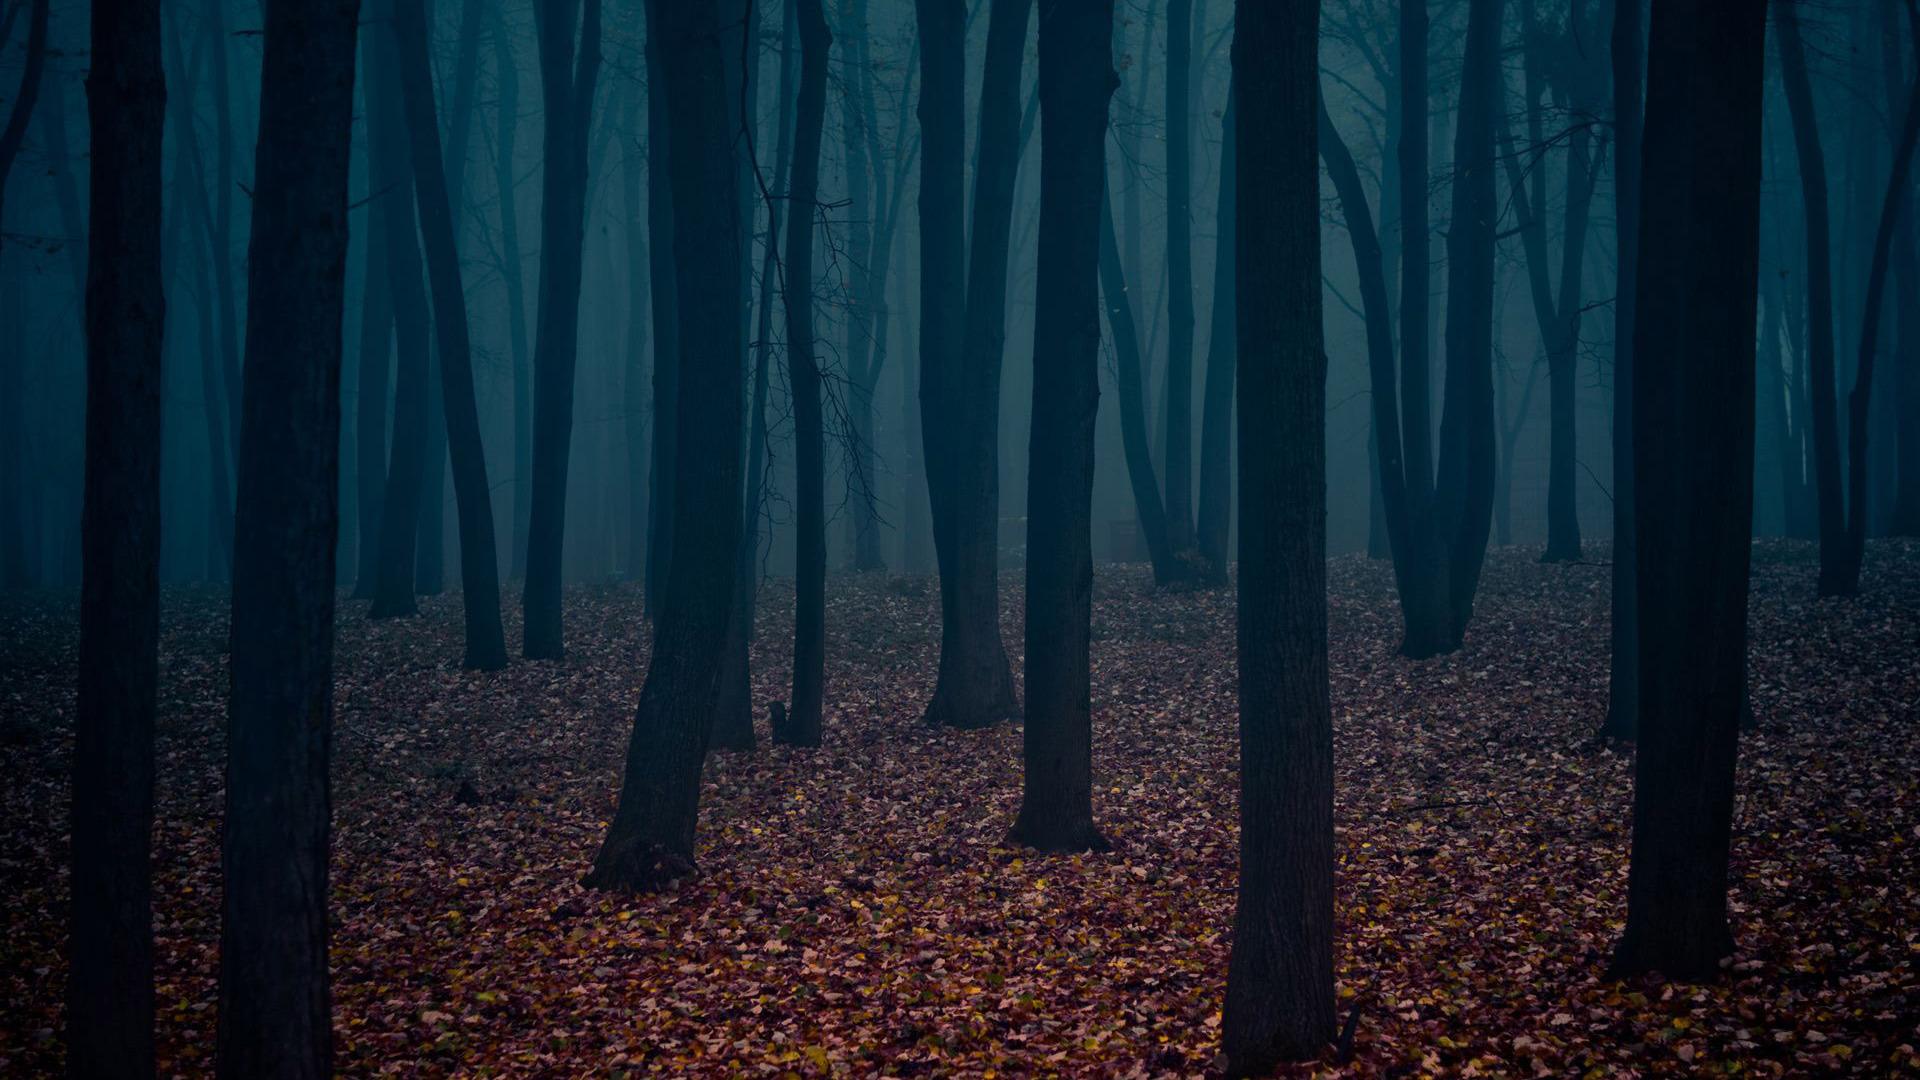 Dark Autumn Forest Wallpaper 2520 1920x1080